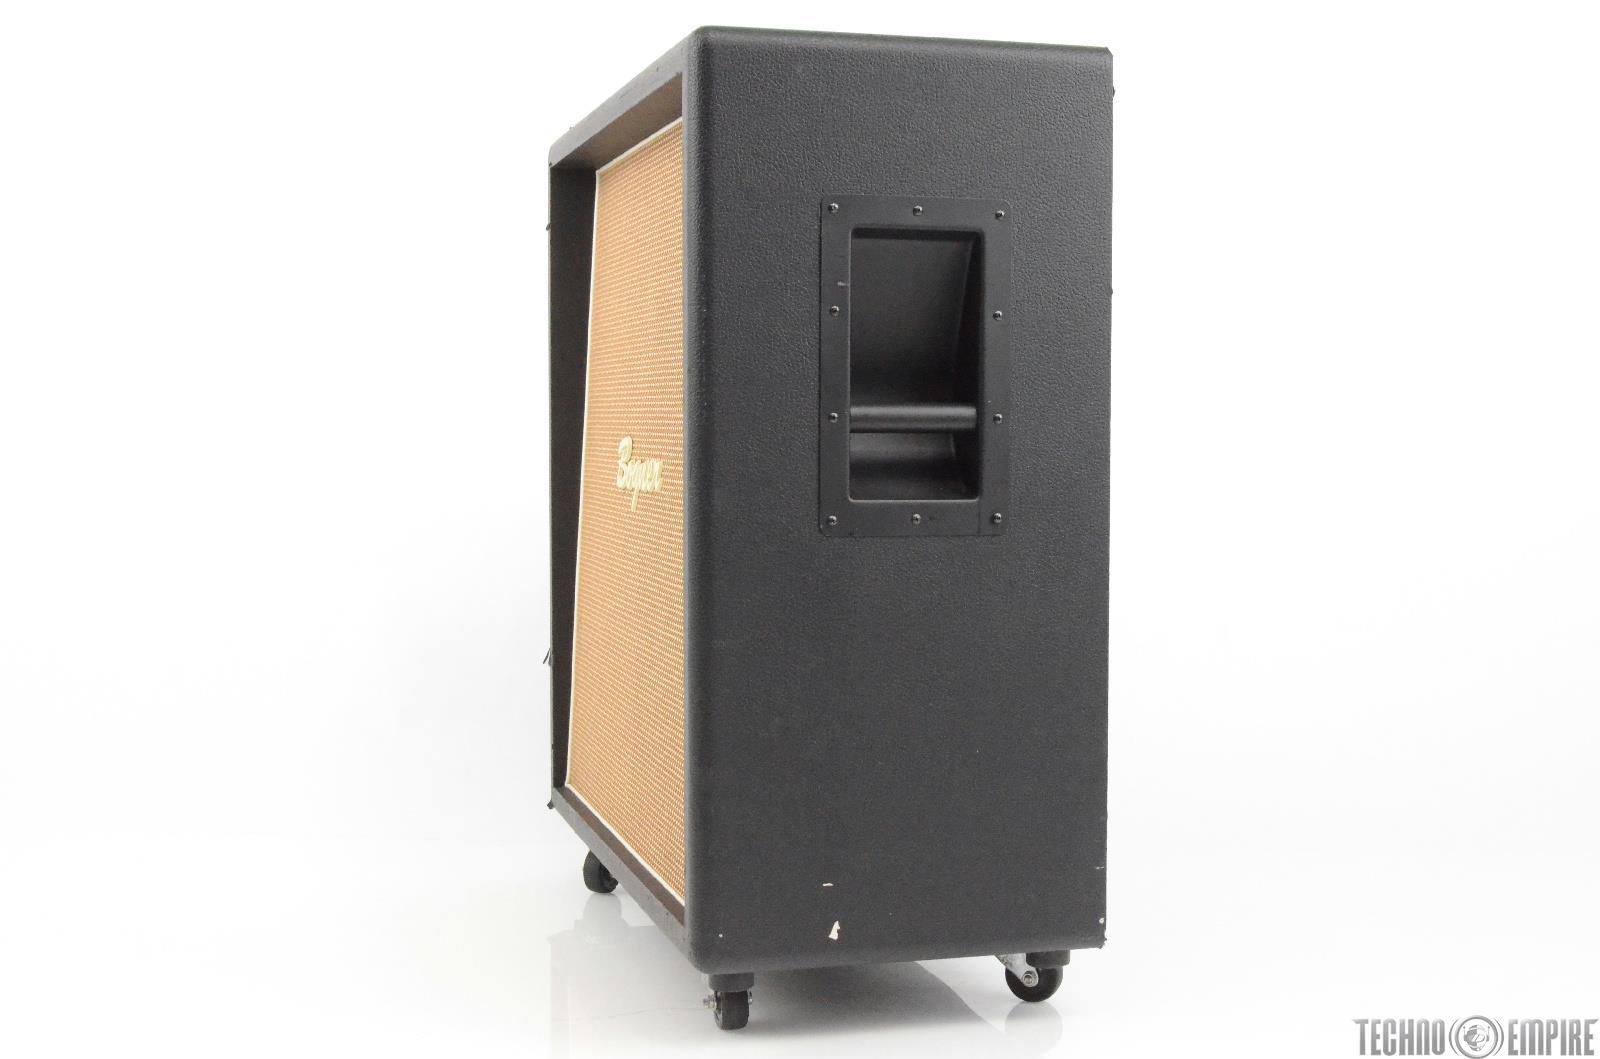 bogner 4x12 cabinet w celestion vintage 30 speakers owned by matt hyde 30109 ebay. Black Bedroom Furniture Sets. Home Design Ideas